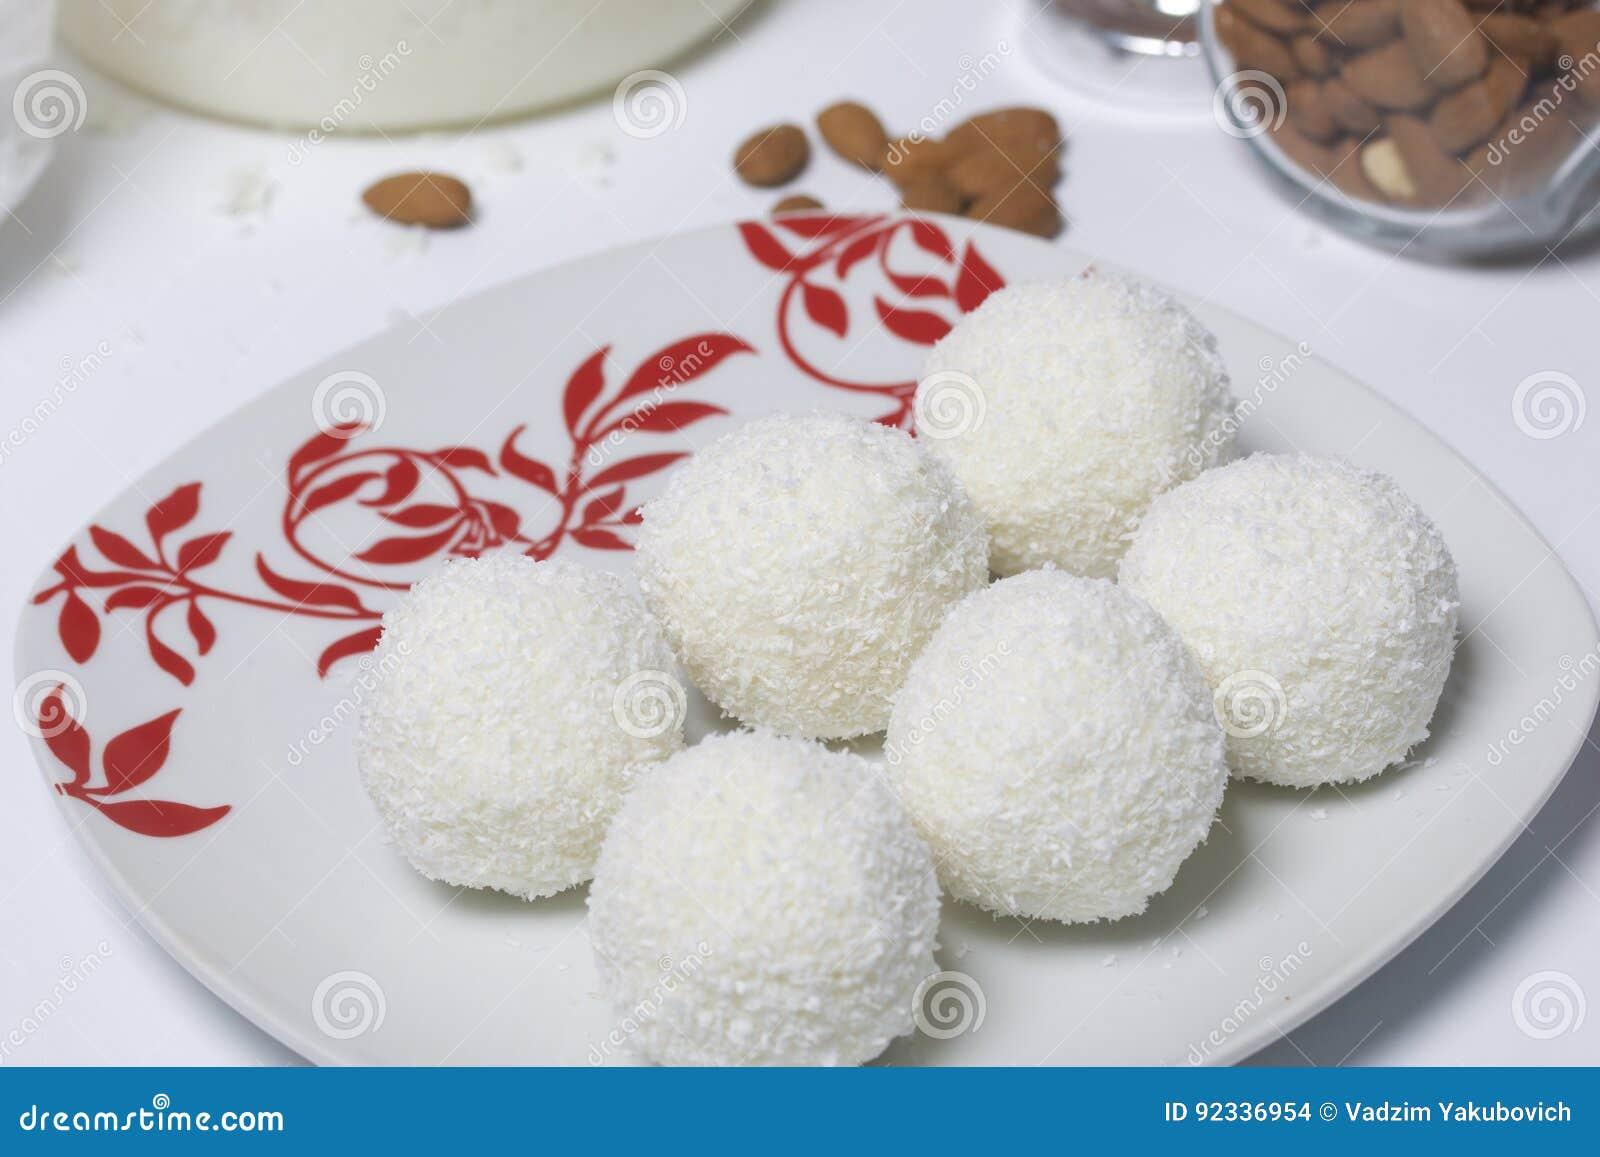 Raffaello sweets prepared at home